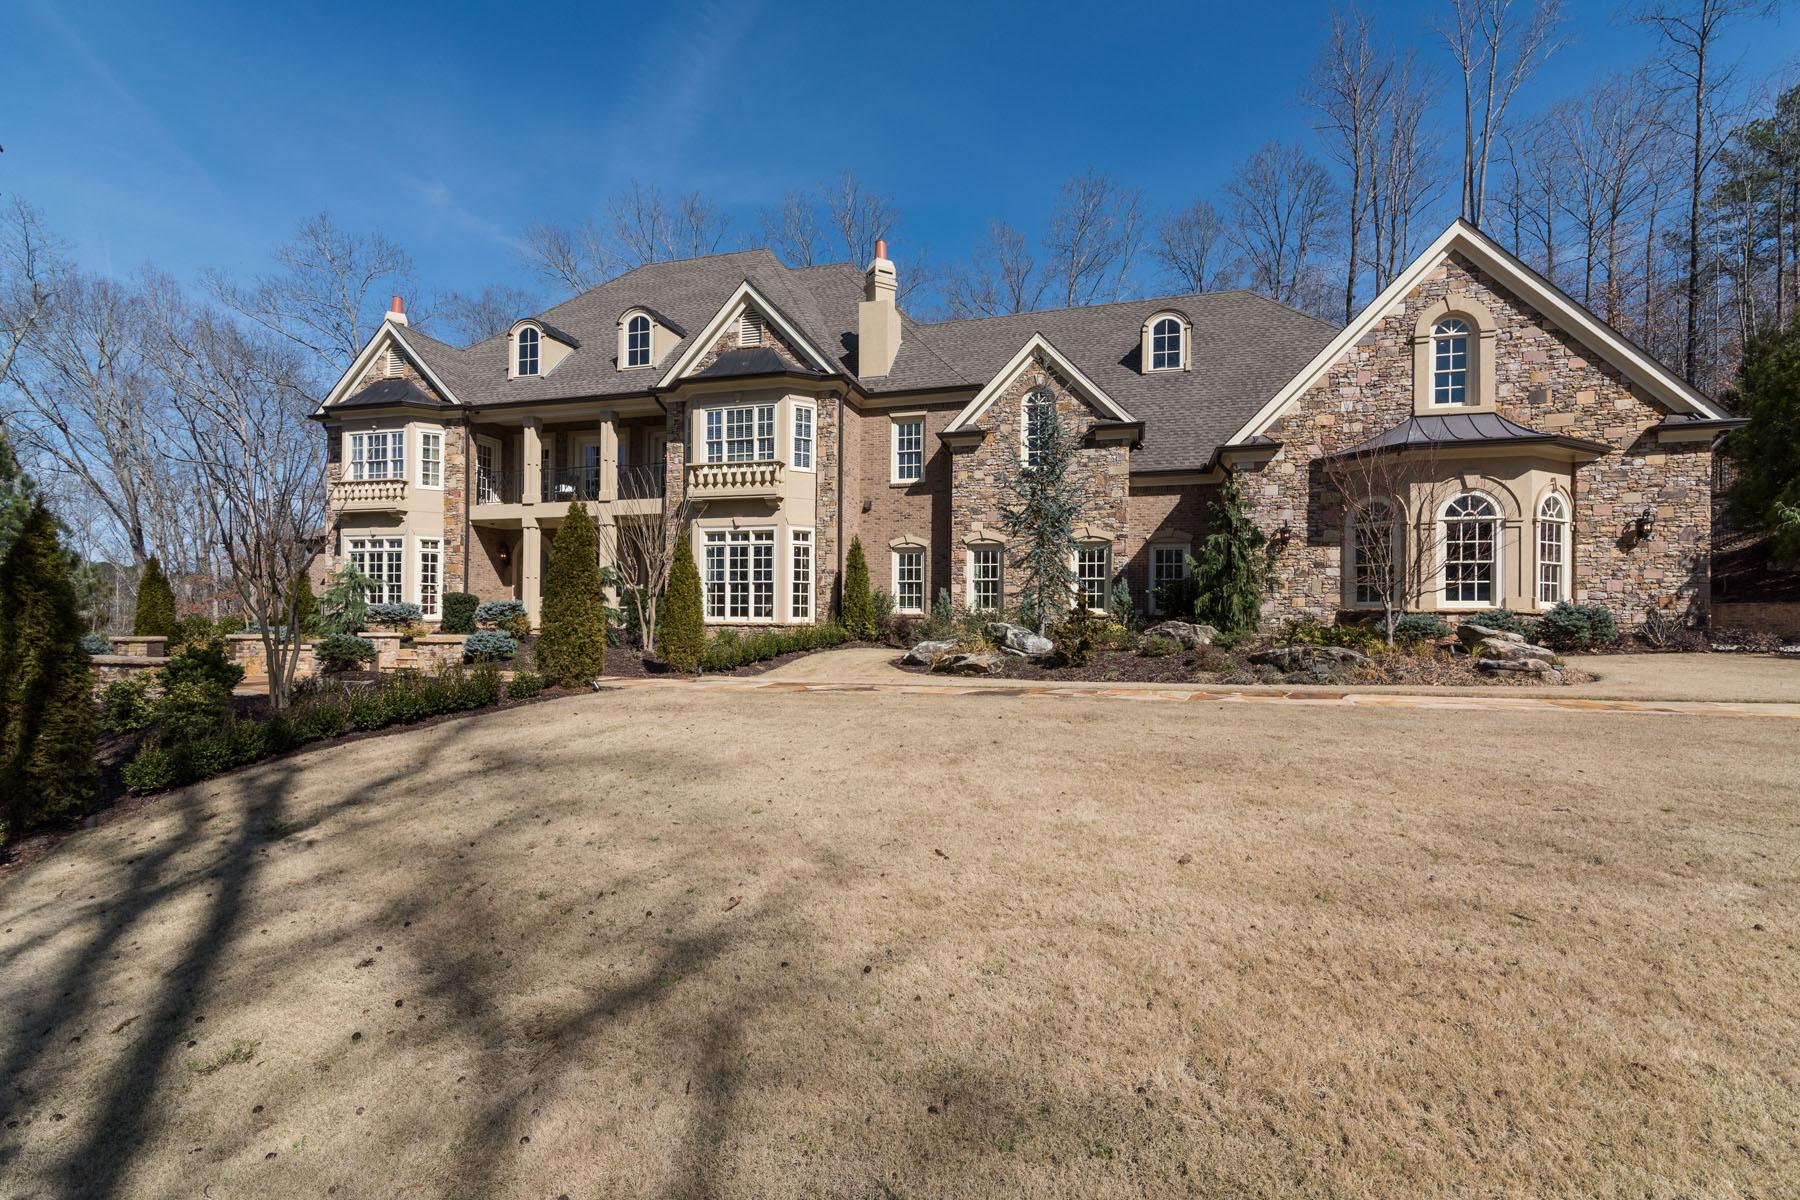 Single Family Home for Sale at Absolutely stunning custom European-inspired estate 190 Allmond Lane Alpharetta, Georgia, 30004 United States